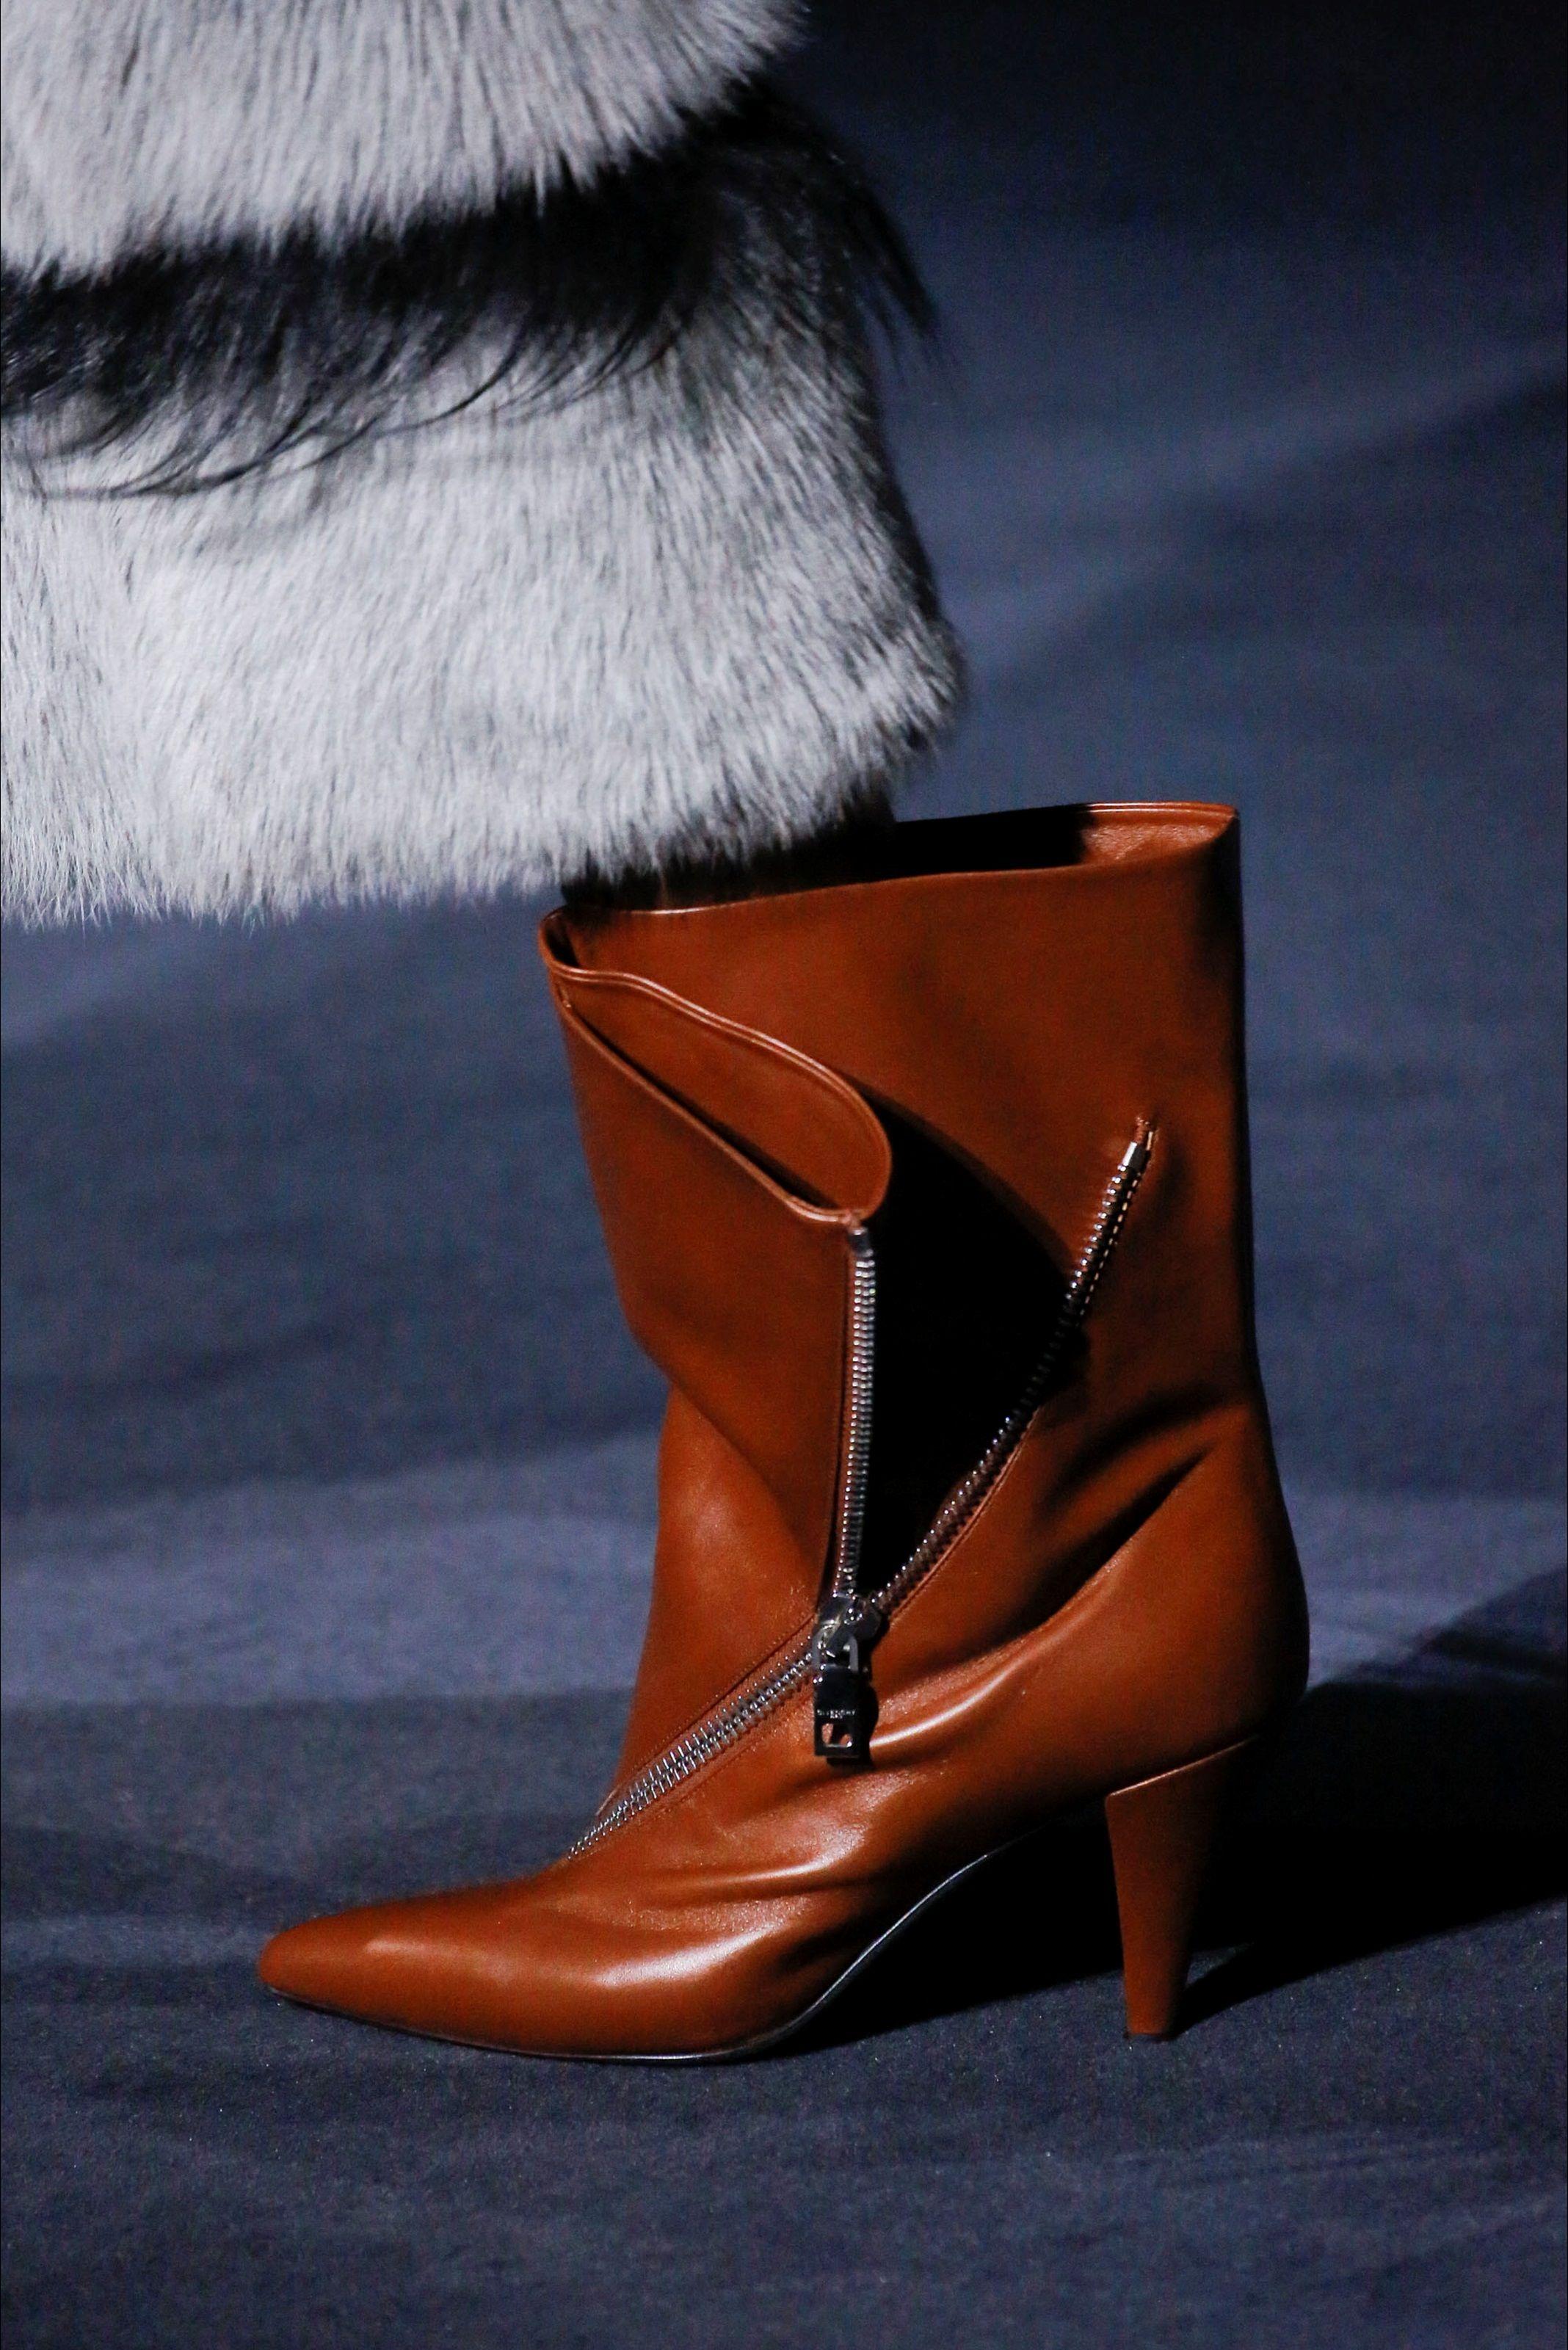 106 fantastiche immagini su Stivali | Stivali, Scarpe e